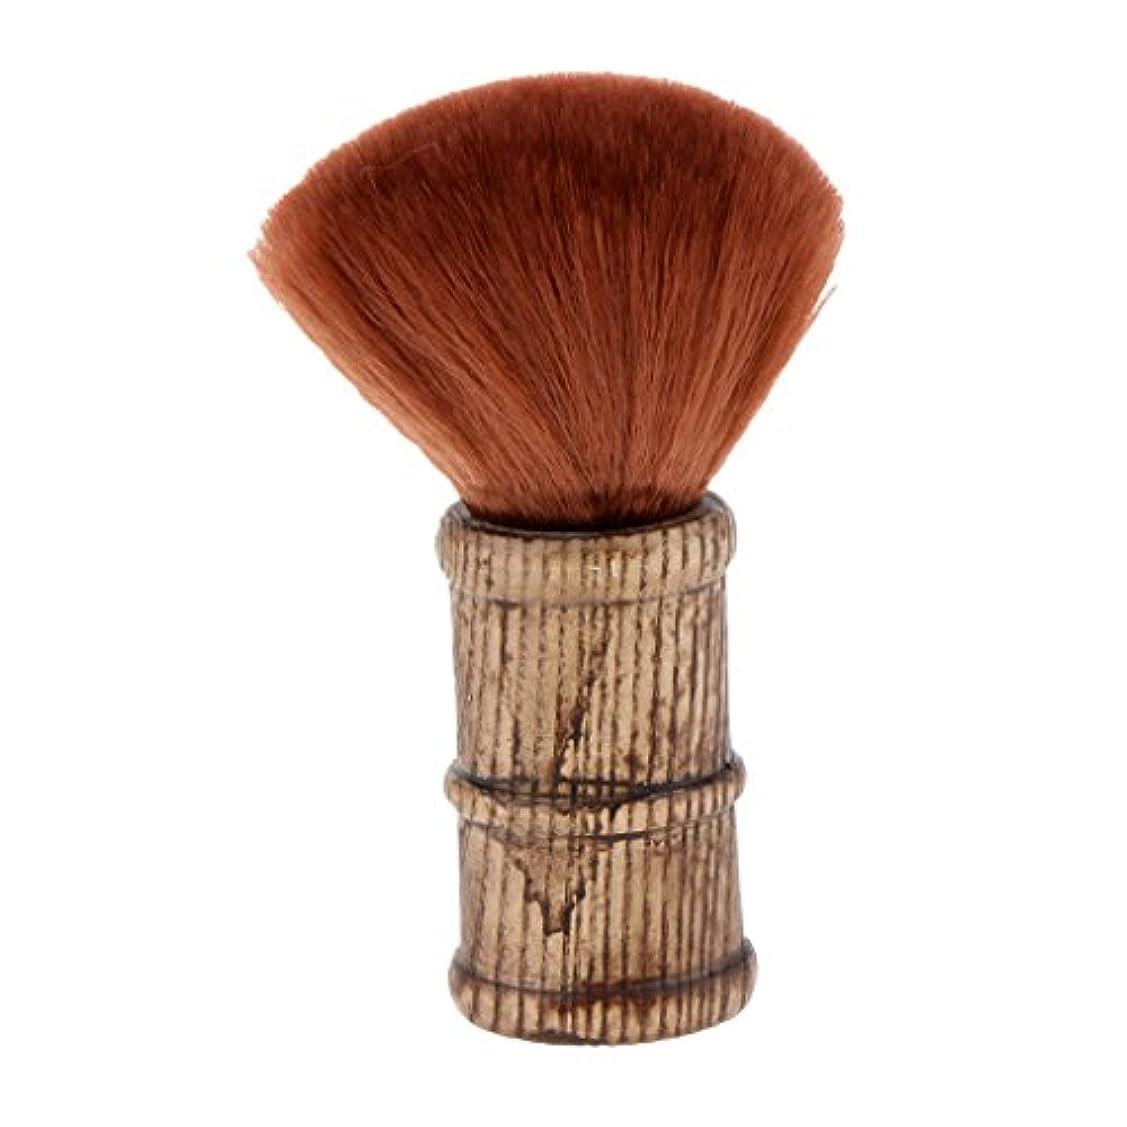 に批判する明示的にPerfk ネックダスターブラシ ヘアカットブラシ 理髪師 サロン スーパーソフト メイクアップ 2色選べる - 褐色